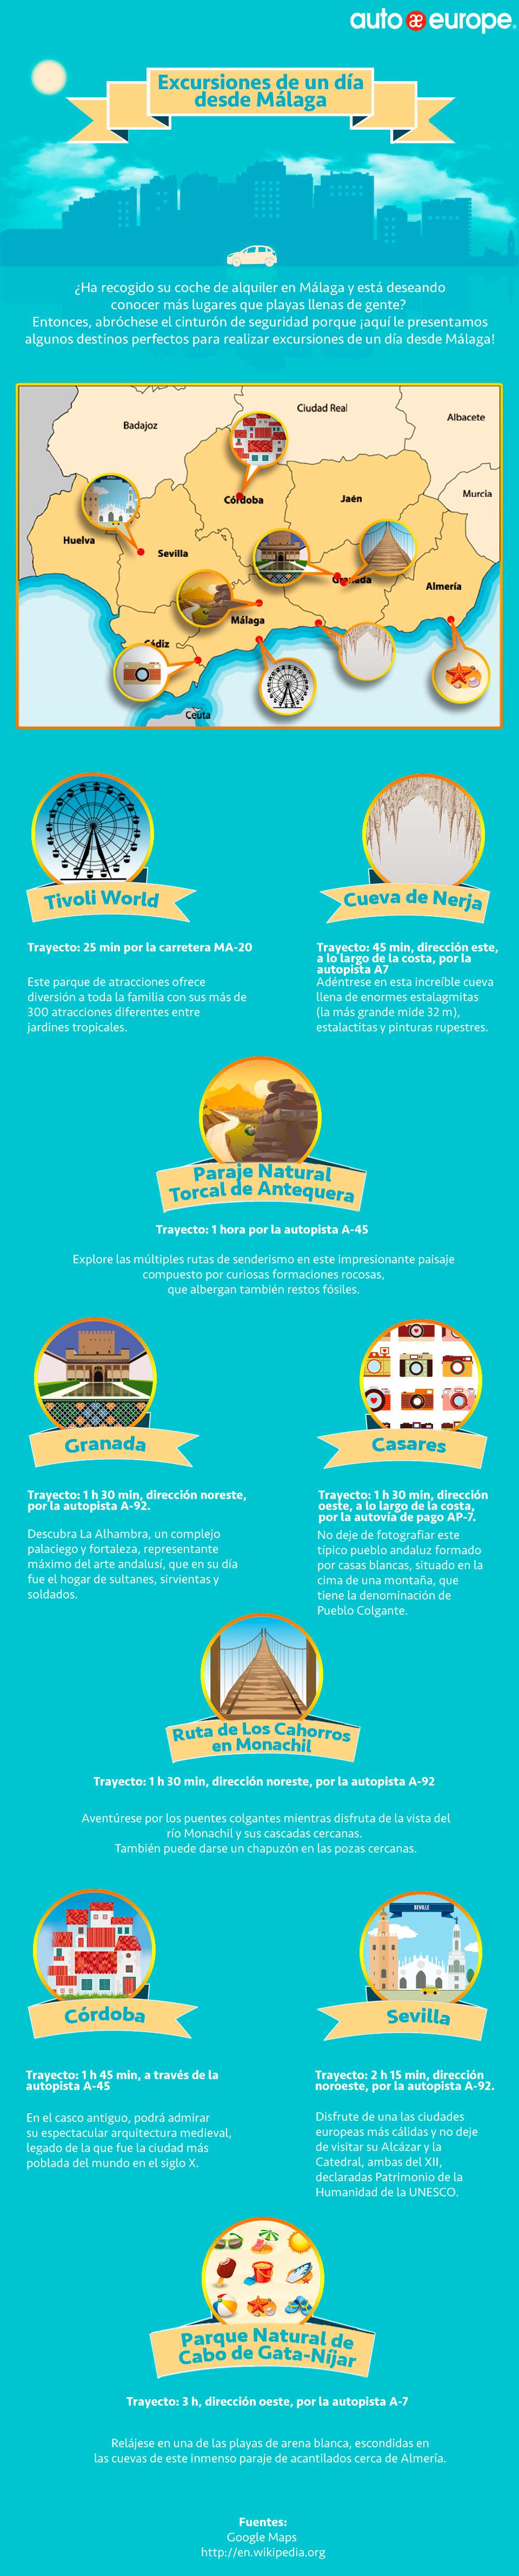 Infografía - Excursiones desde Málaga